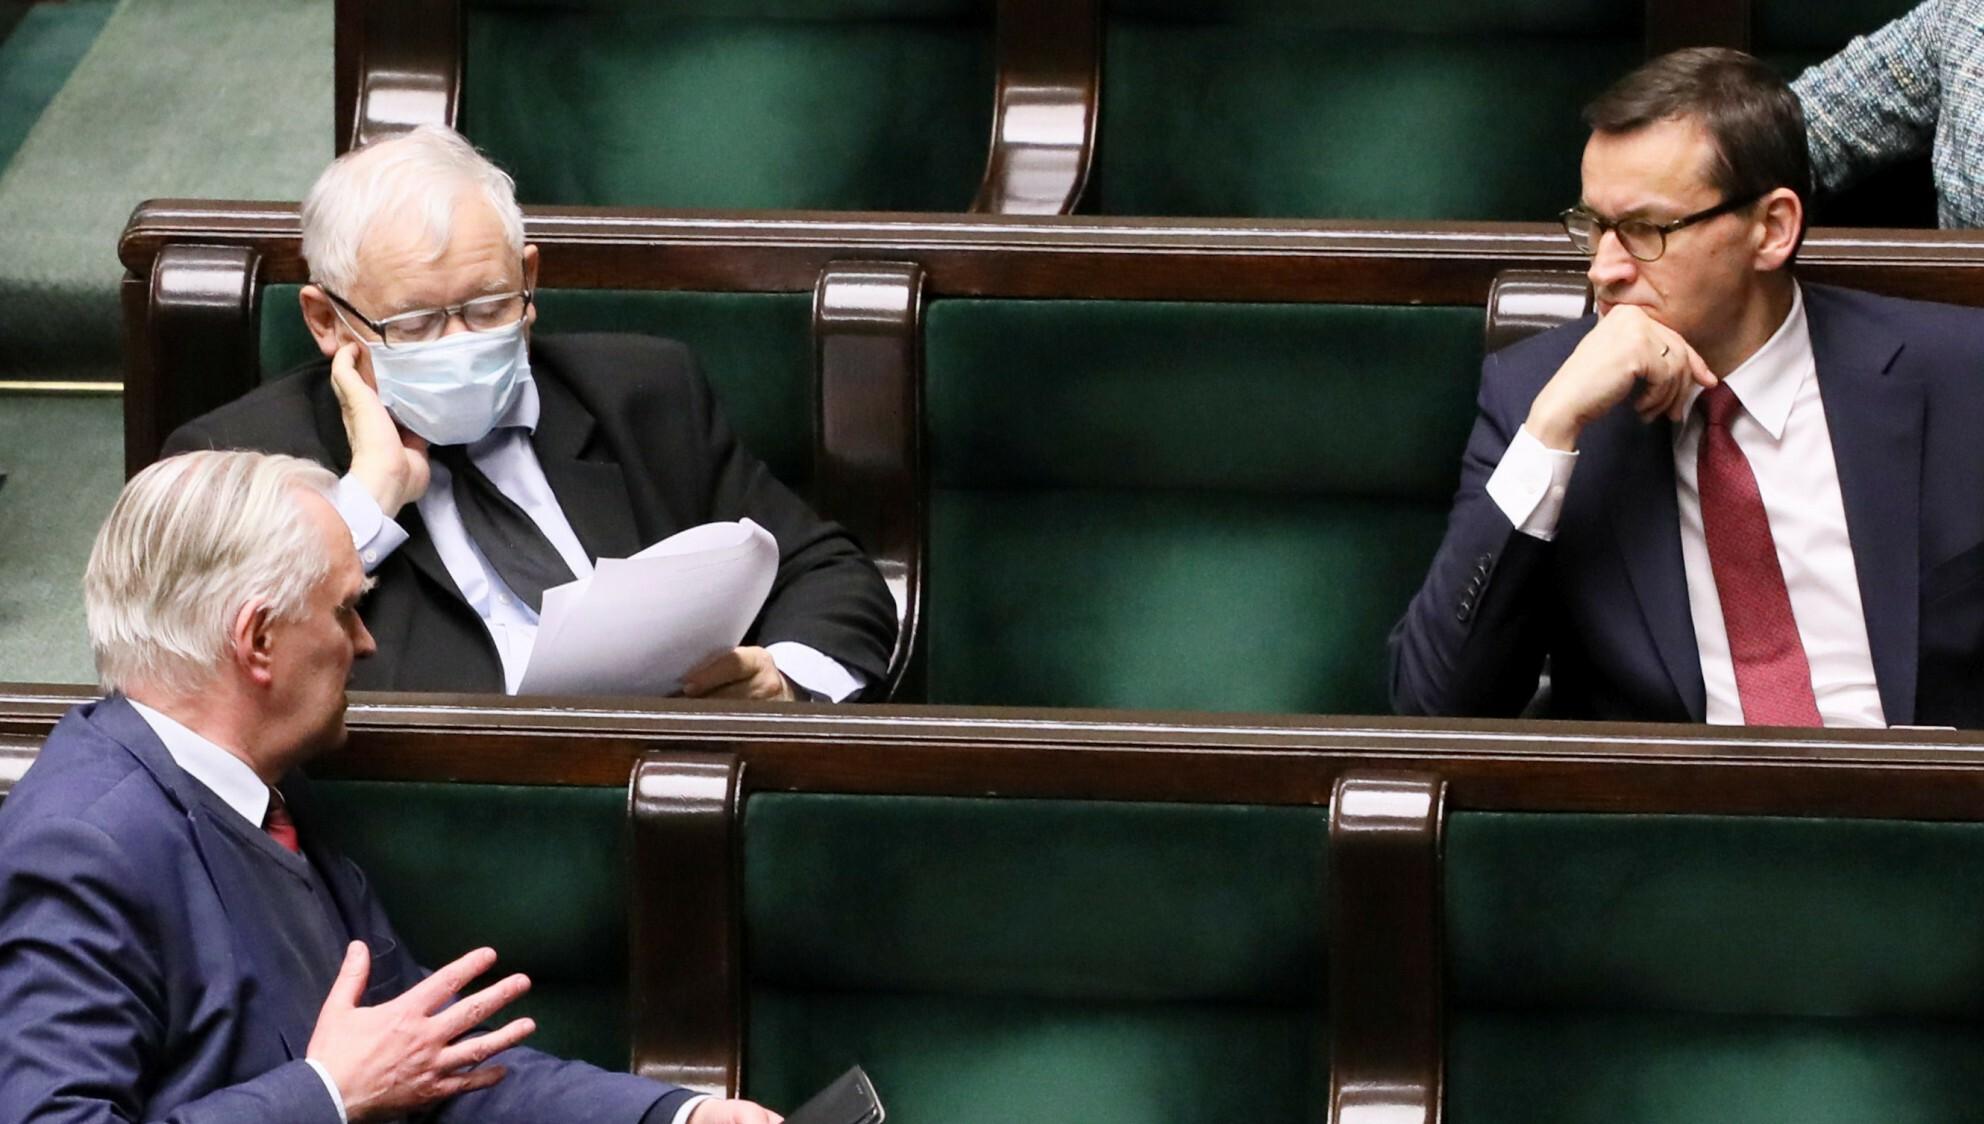 Szef Porozumienia Jarosław Gowin domaga się zdymisjonowania trzech ministrów z ugrupowania.